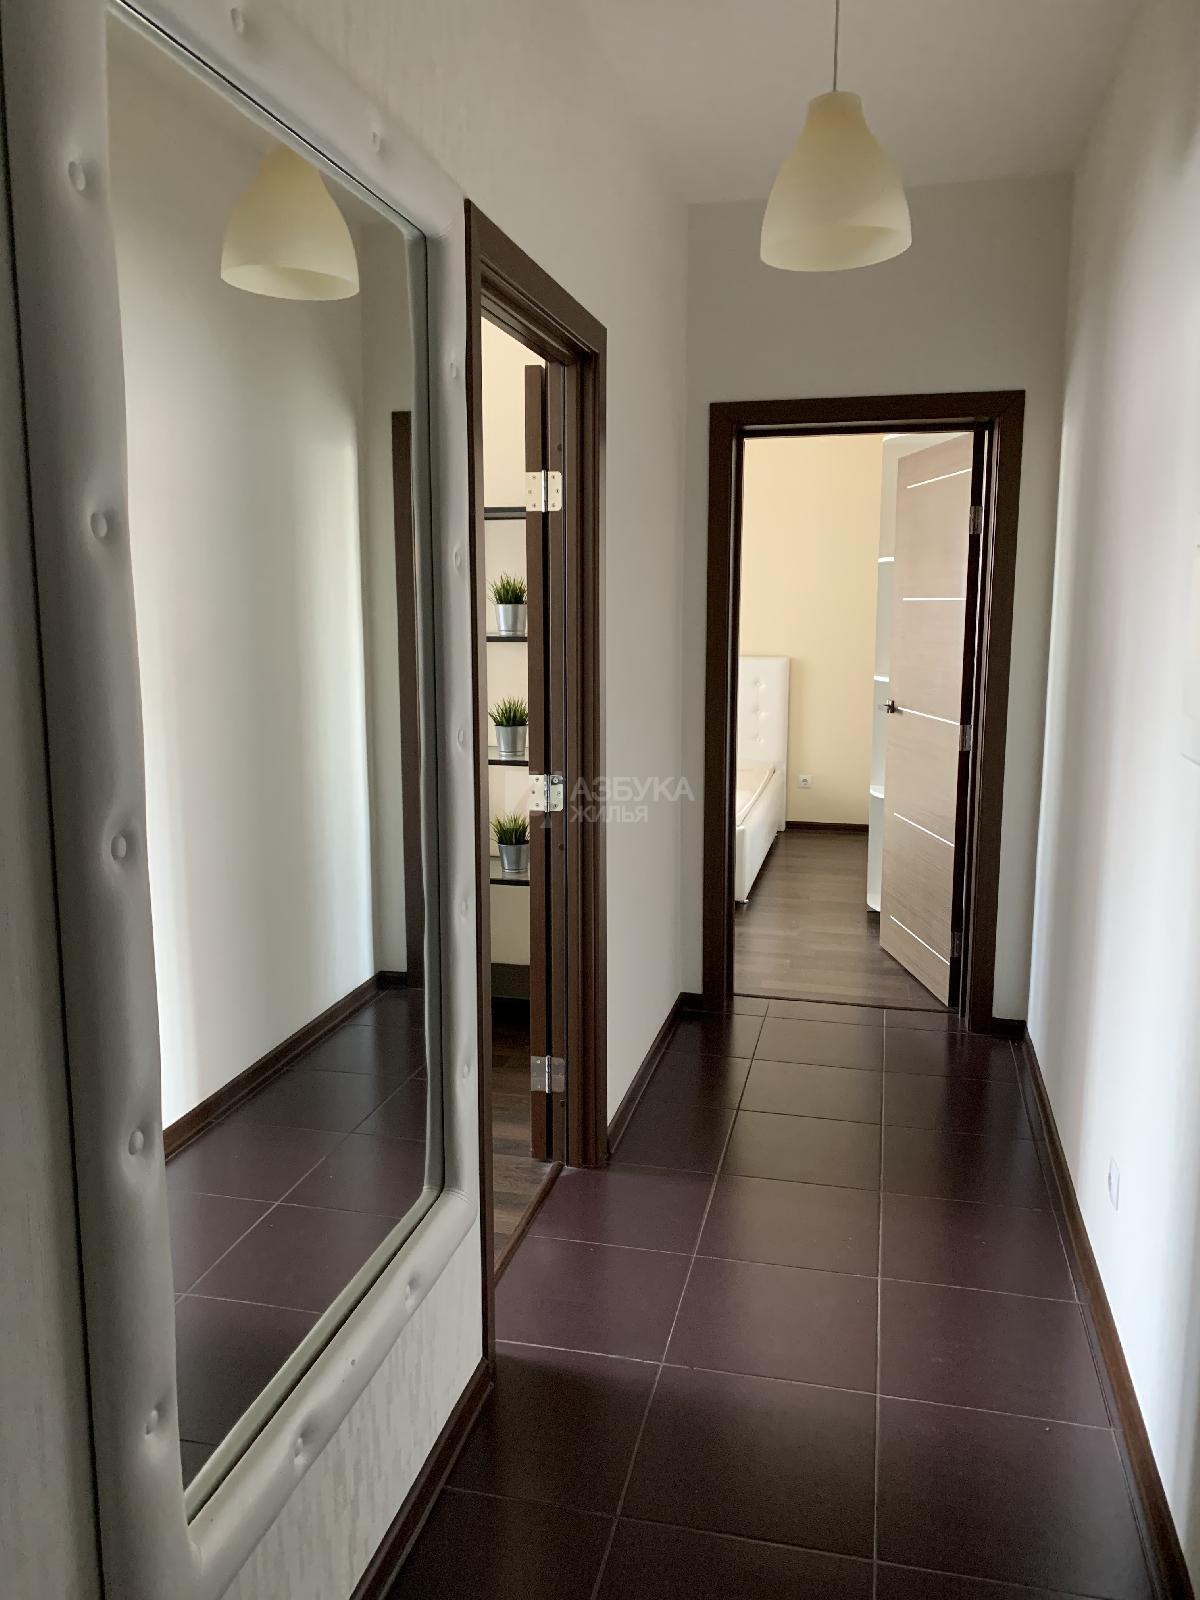 Фото №5 - 2-комнатная квартира, Москва, Митинская улица 28 корпус 2, метро Митино